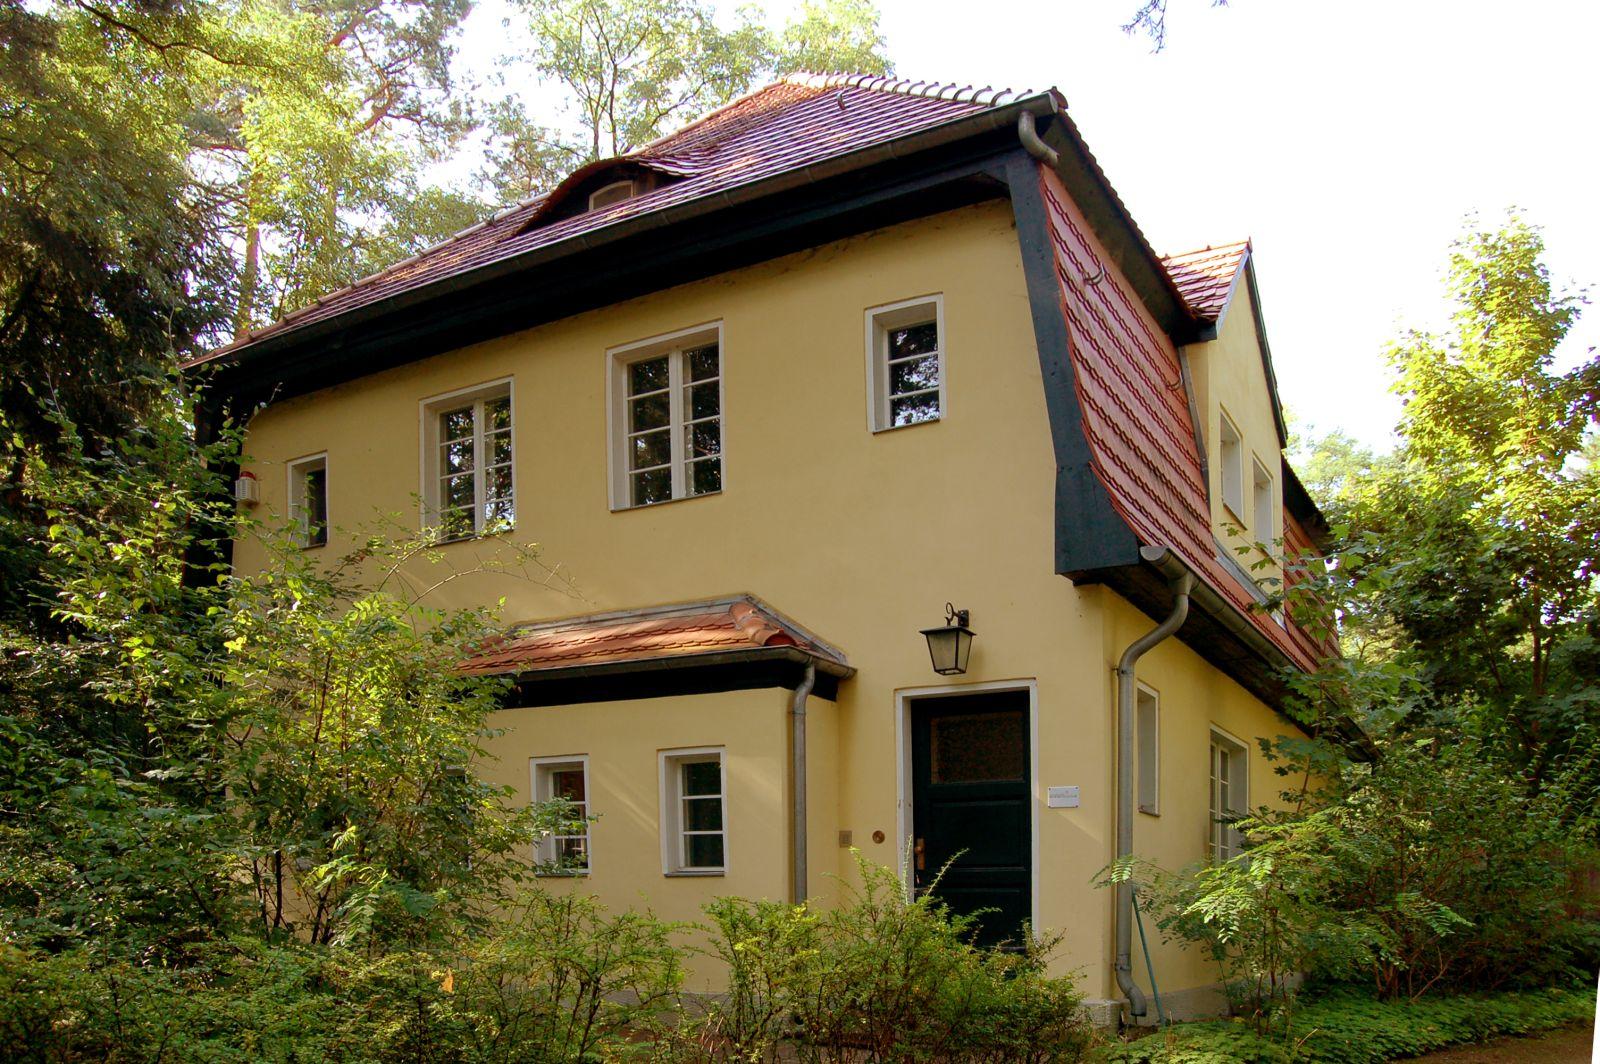 Peter Huchel Haus